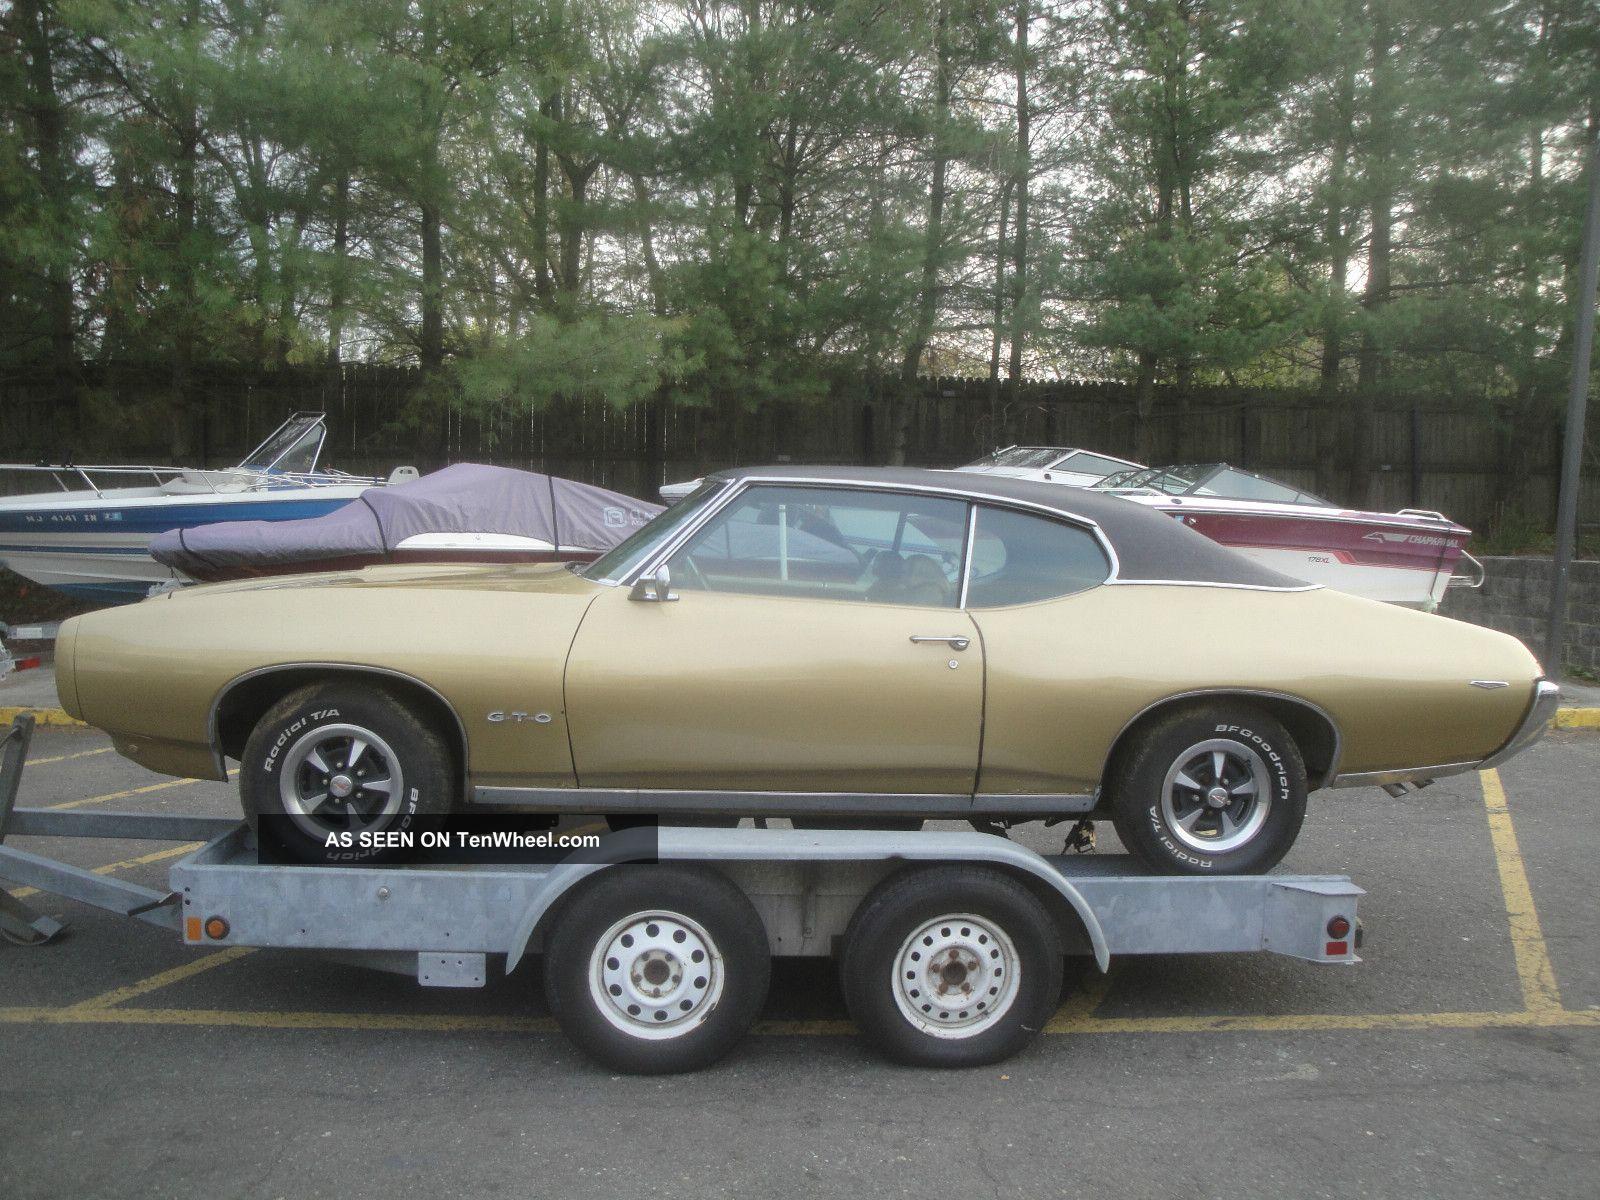 1970 Gto For Sale Craigslist Autos Post